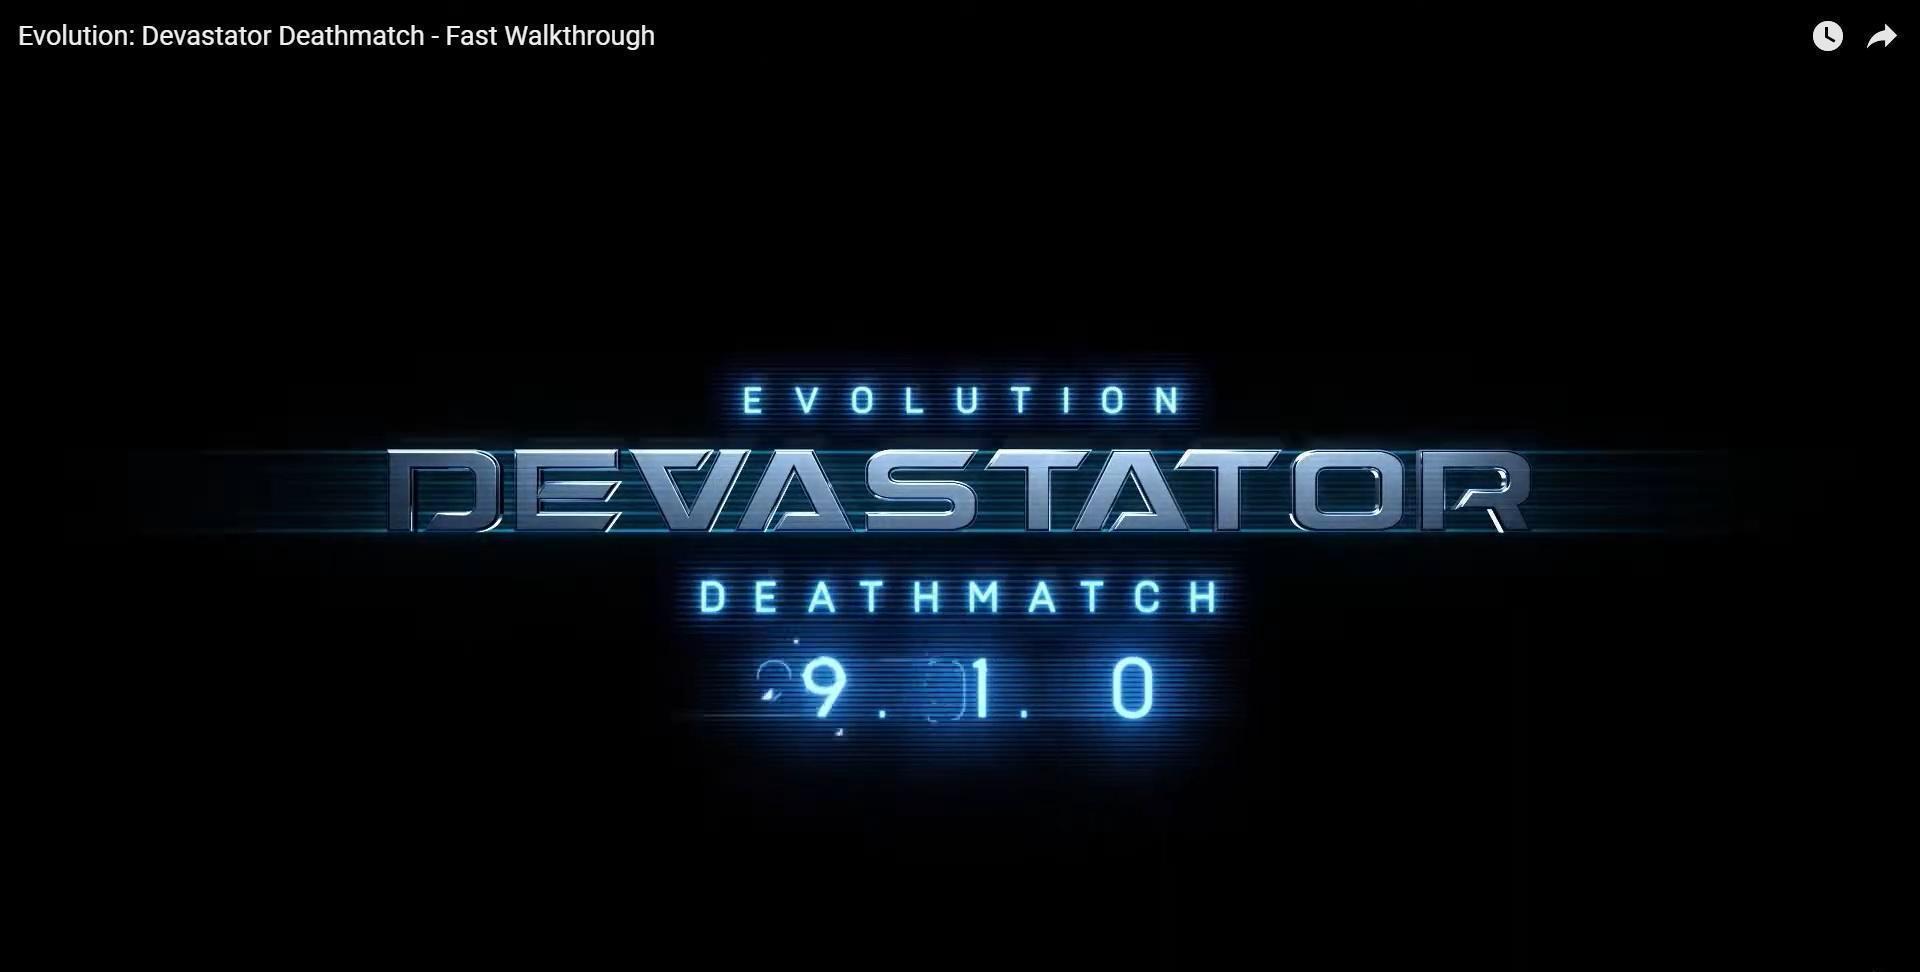 Supporting image for Evolution: Devastator Deathmatch